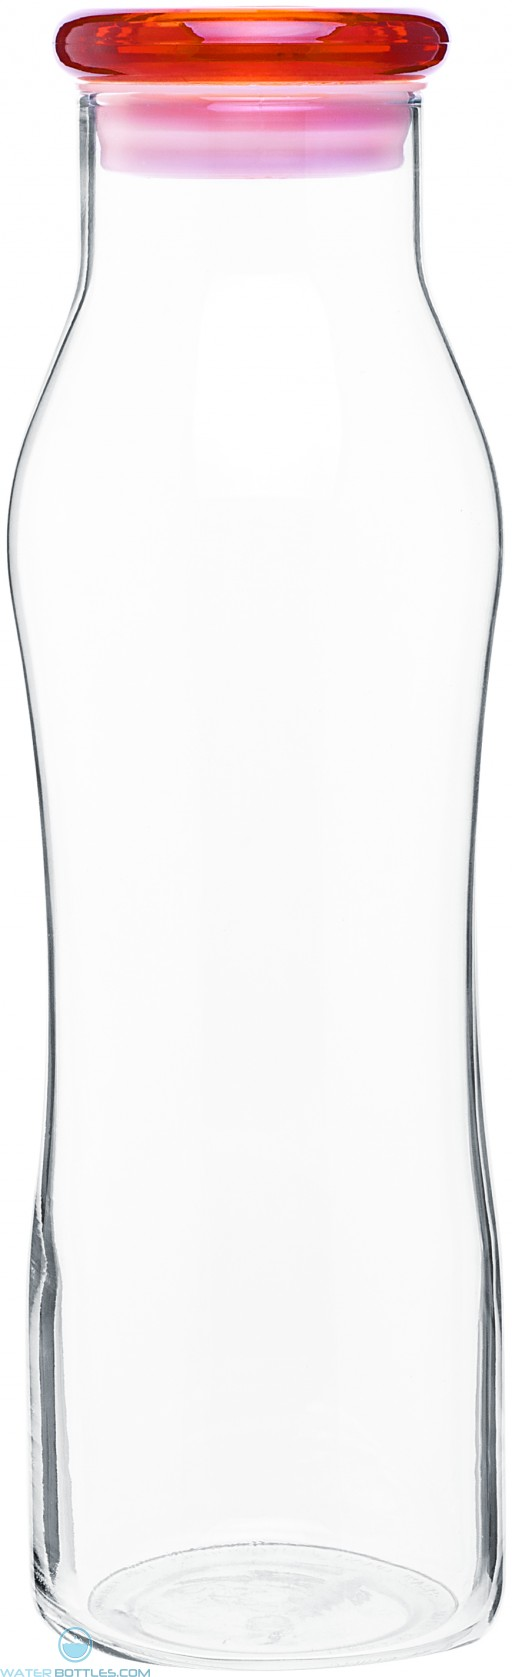 H2Go Vue Glass Bottles   20 oz - Tangerine